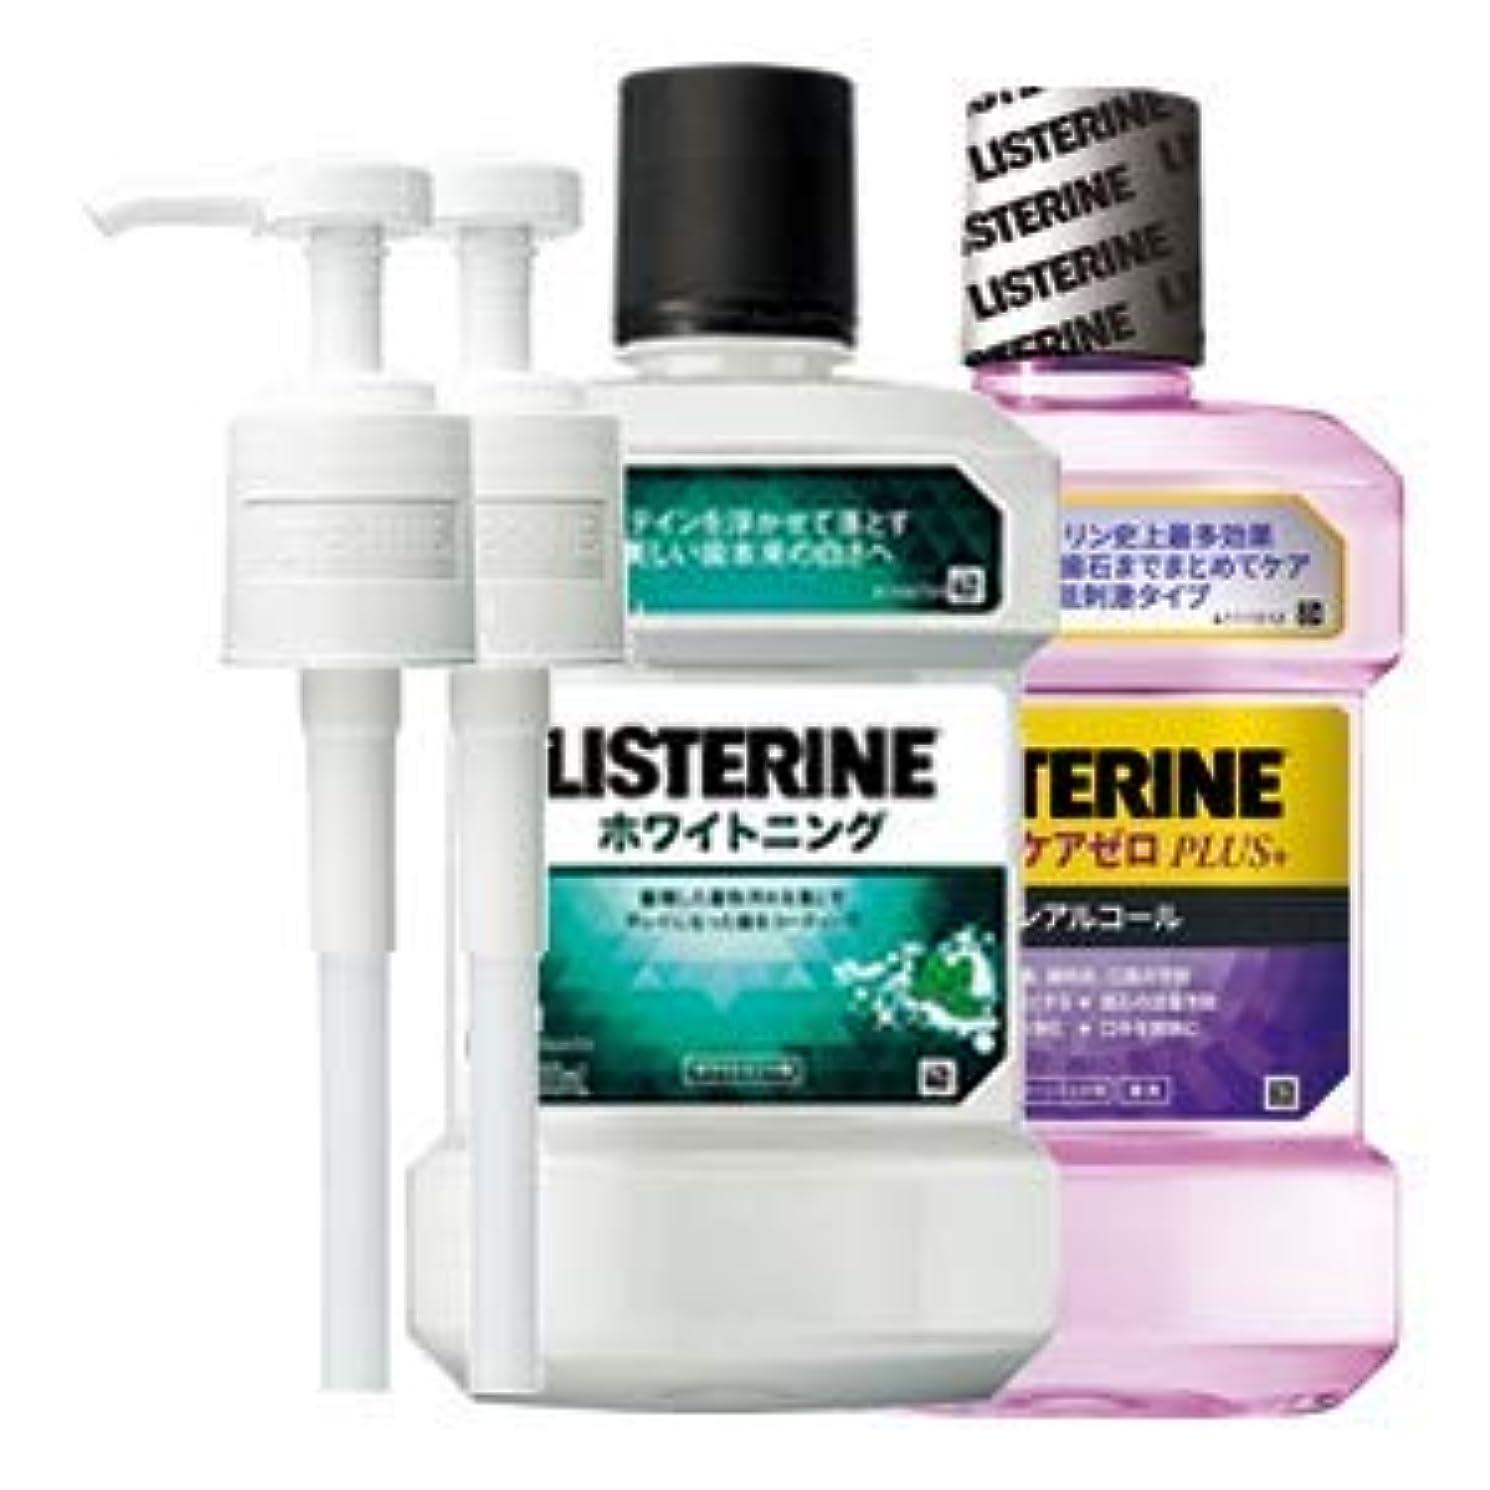 恵み重荷ばかげている薬用 リステリン ホワイトニング トータルケアゼロプラス 1000mL 2点セット (ポンプ付)